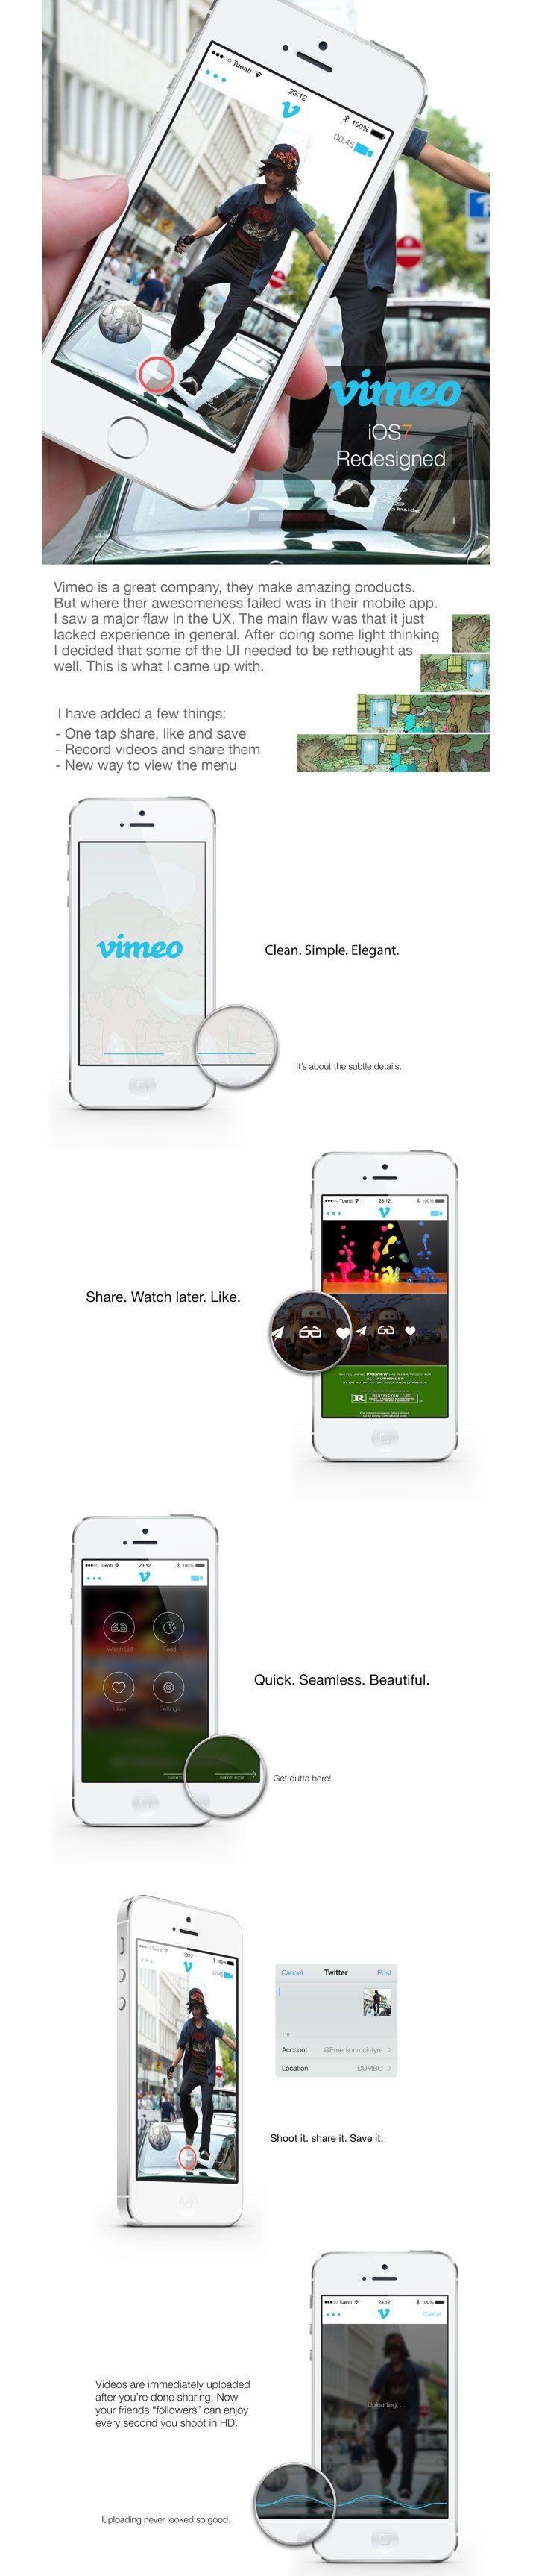 Vimeo iOS7 Redesign